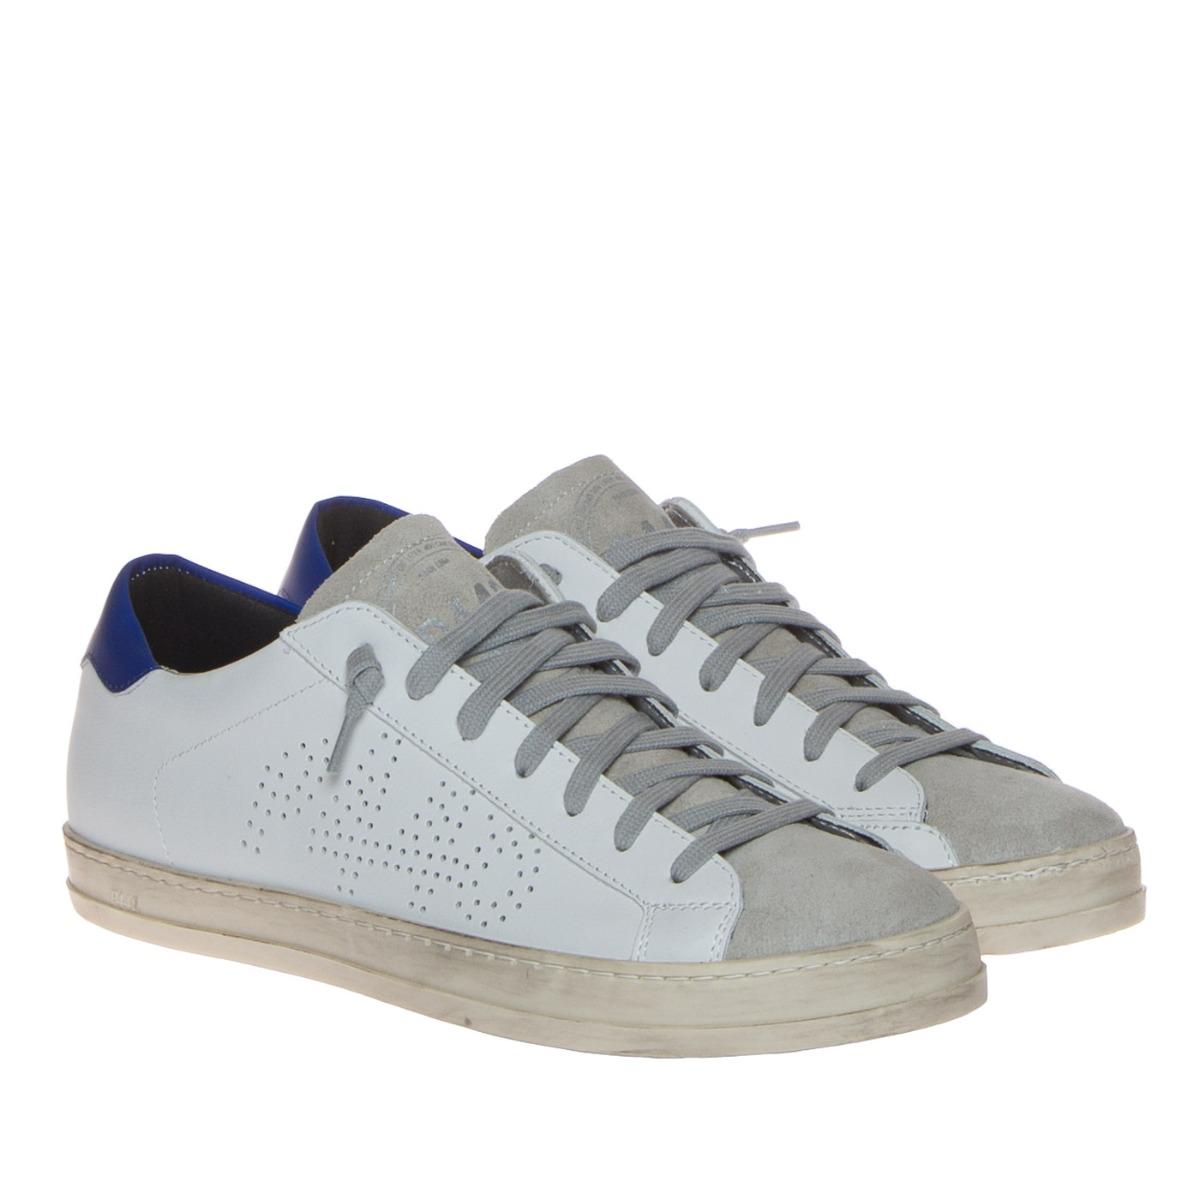 P448 Sneakers Uomo John Vegan Tallone Bluette